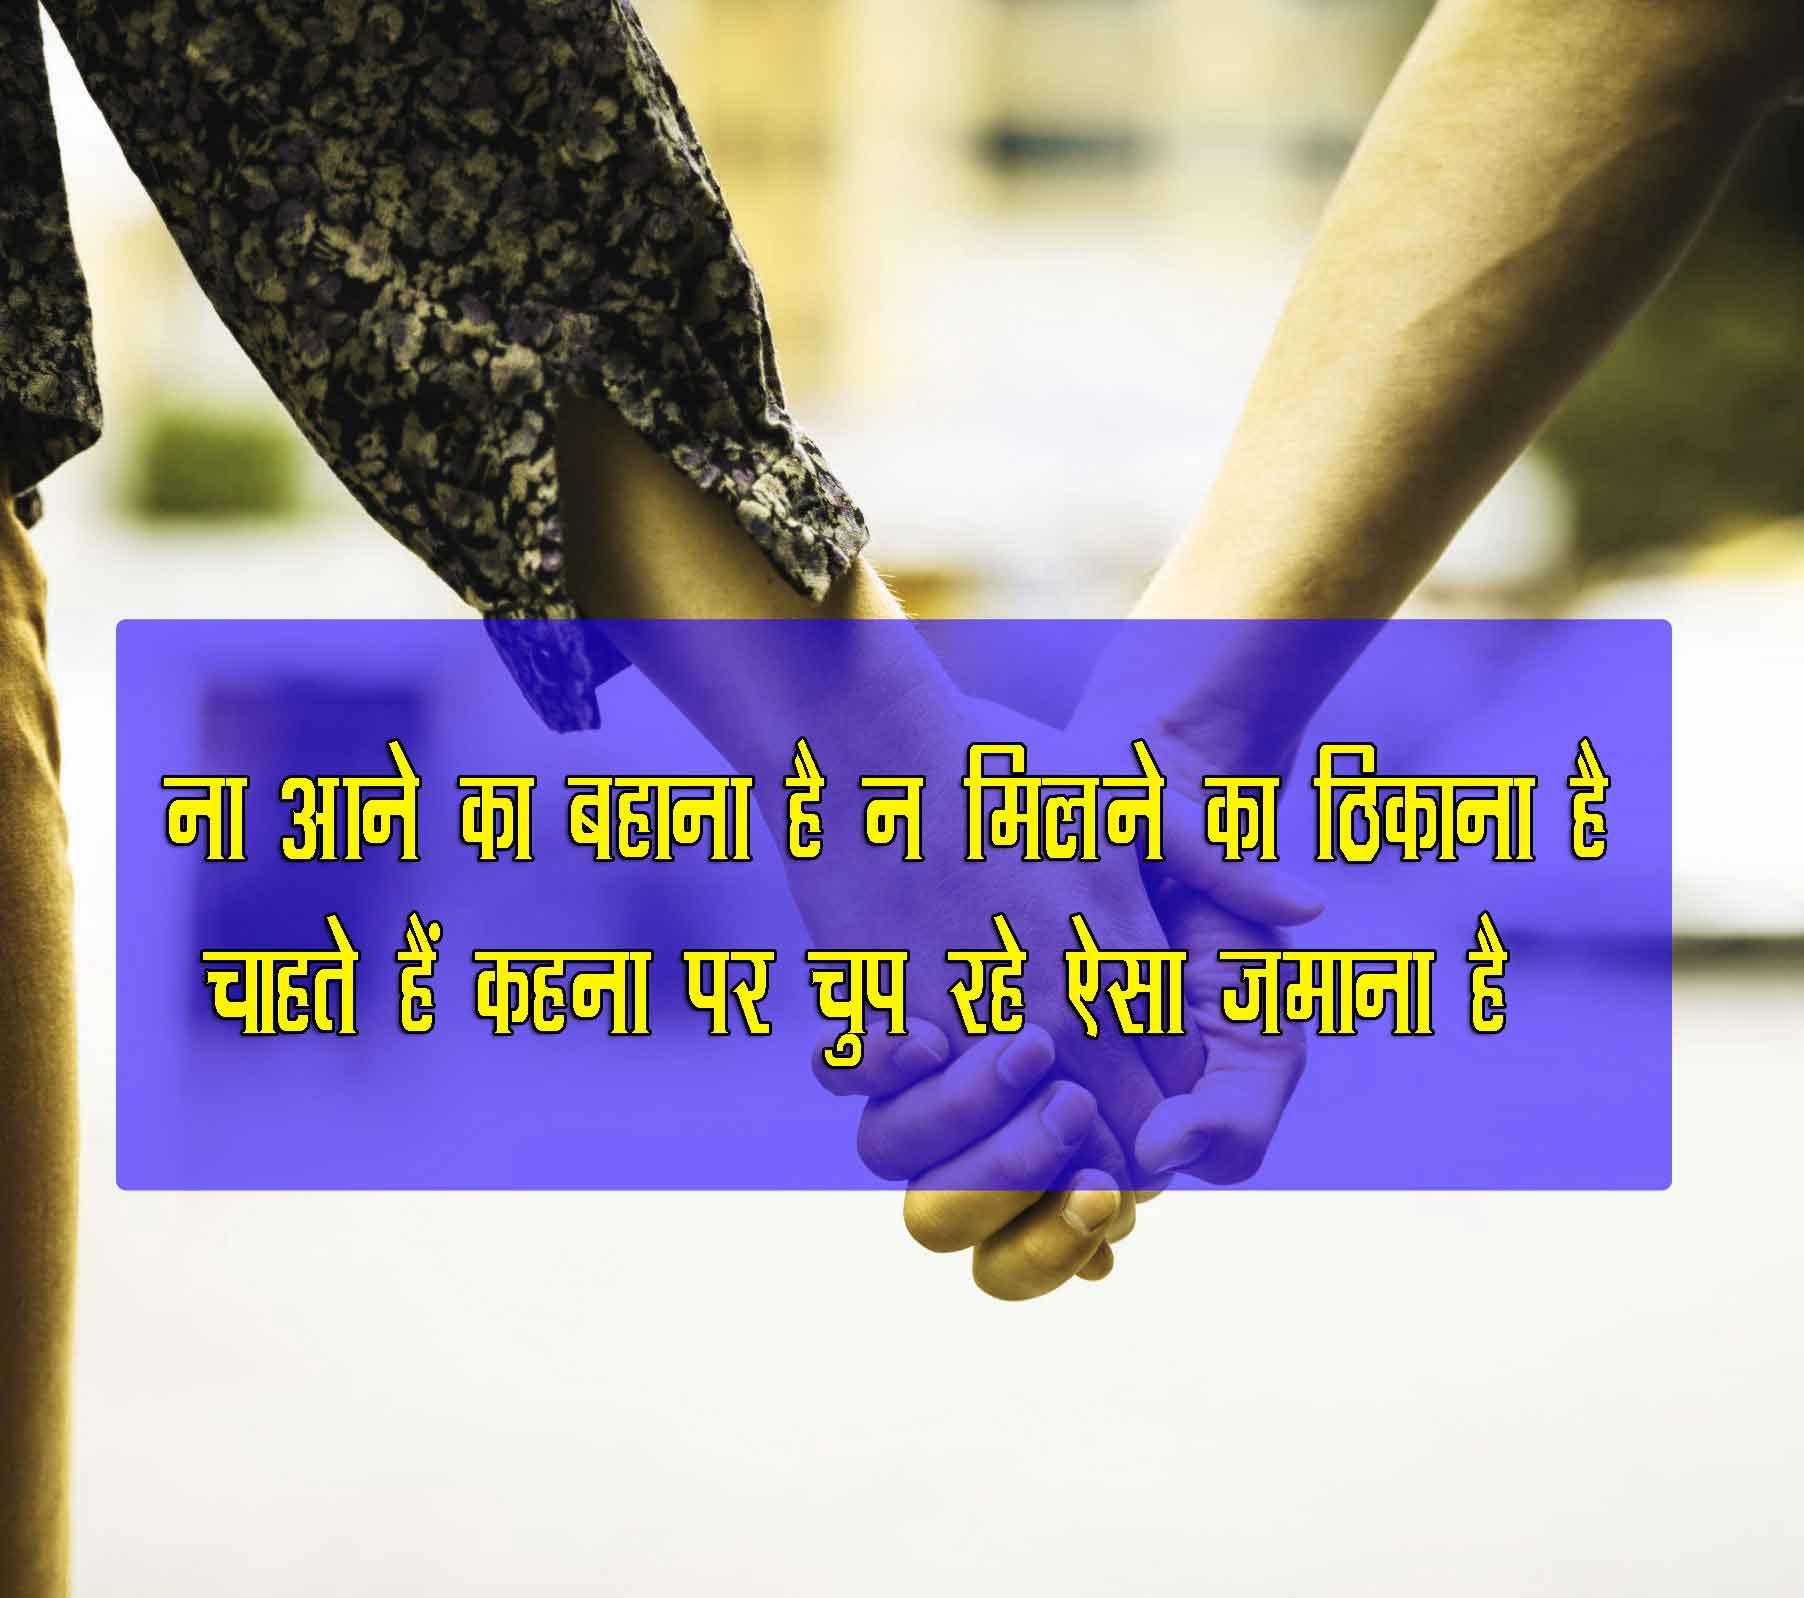 Love Shayari Images HD 2021 62